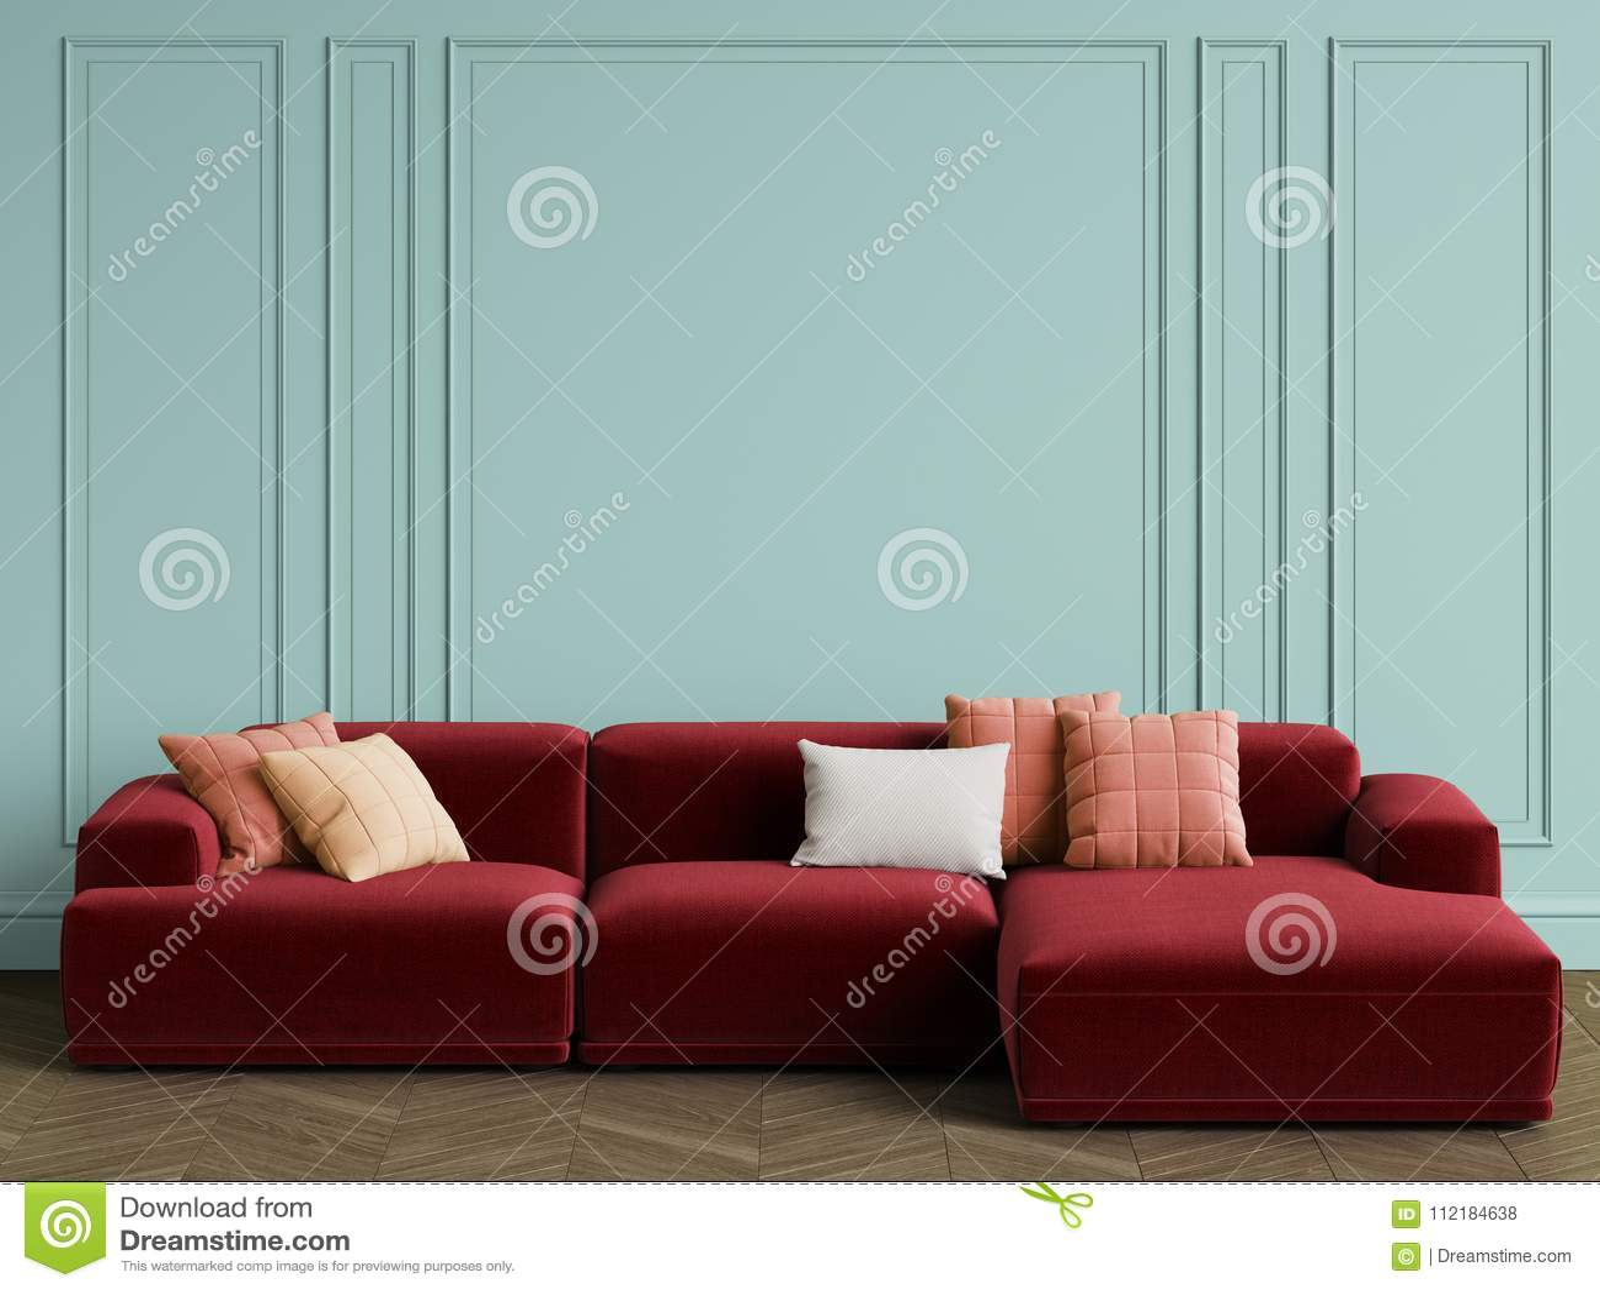 Modern Scandinavian Design sofa in interior. Walls with moldings,floor parquet herringbon